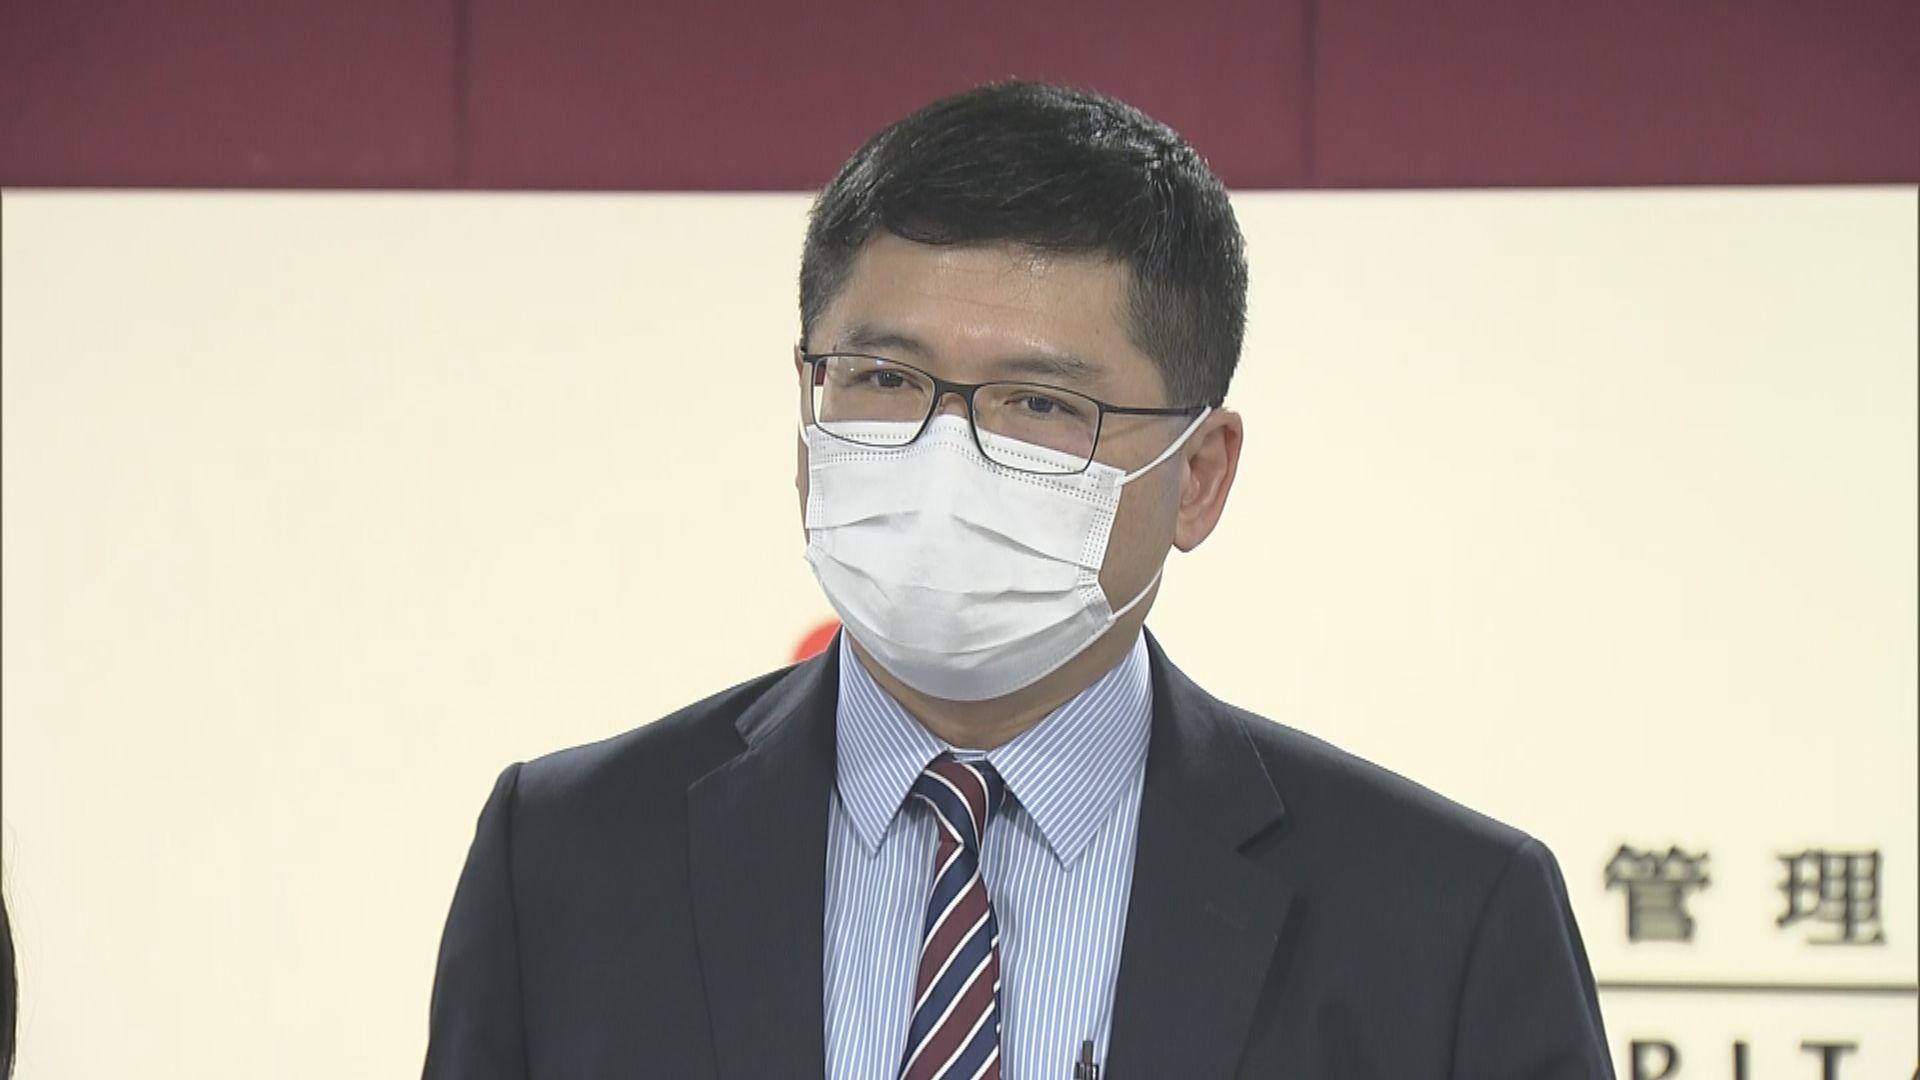 聯合醫院將減少非緊急服務及停收新冠病毒新症